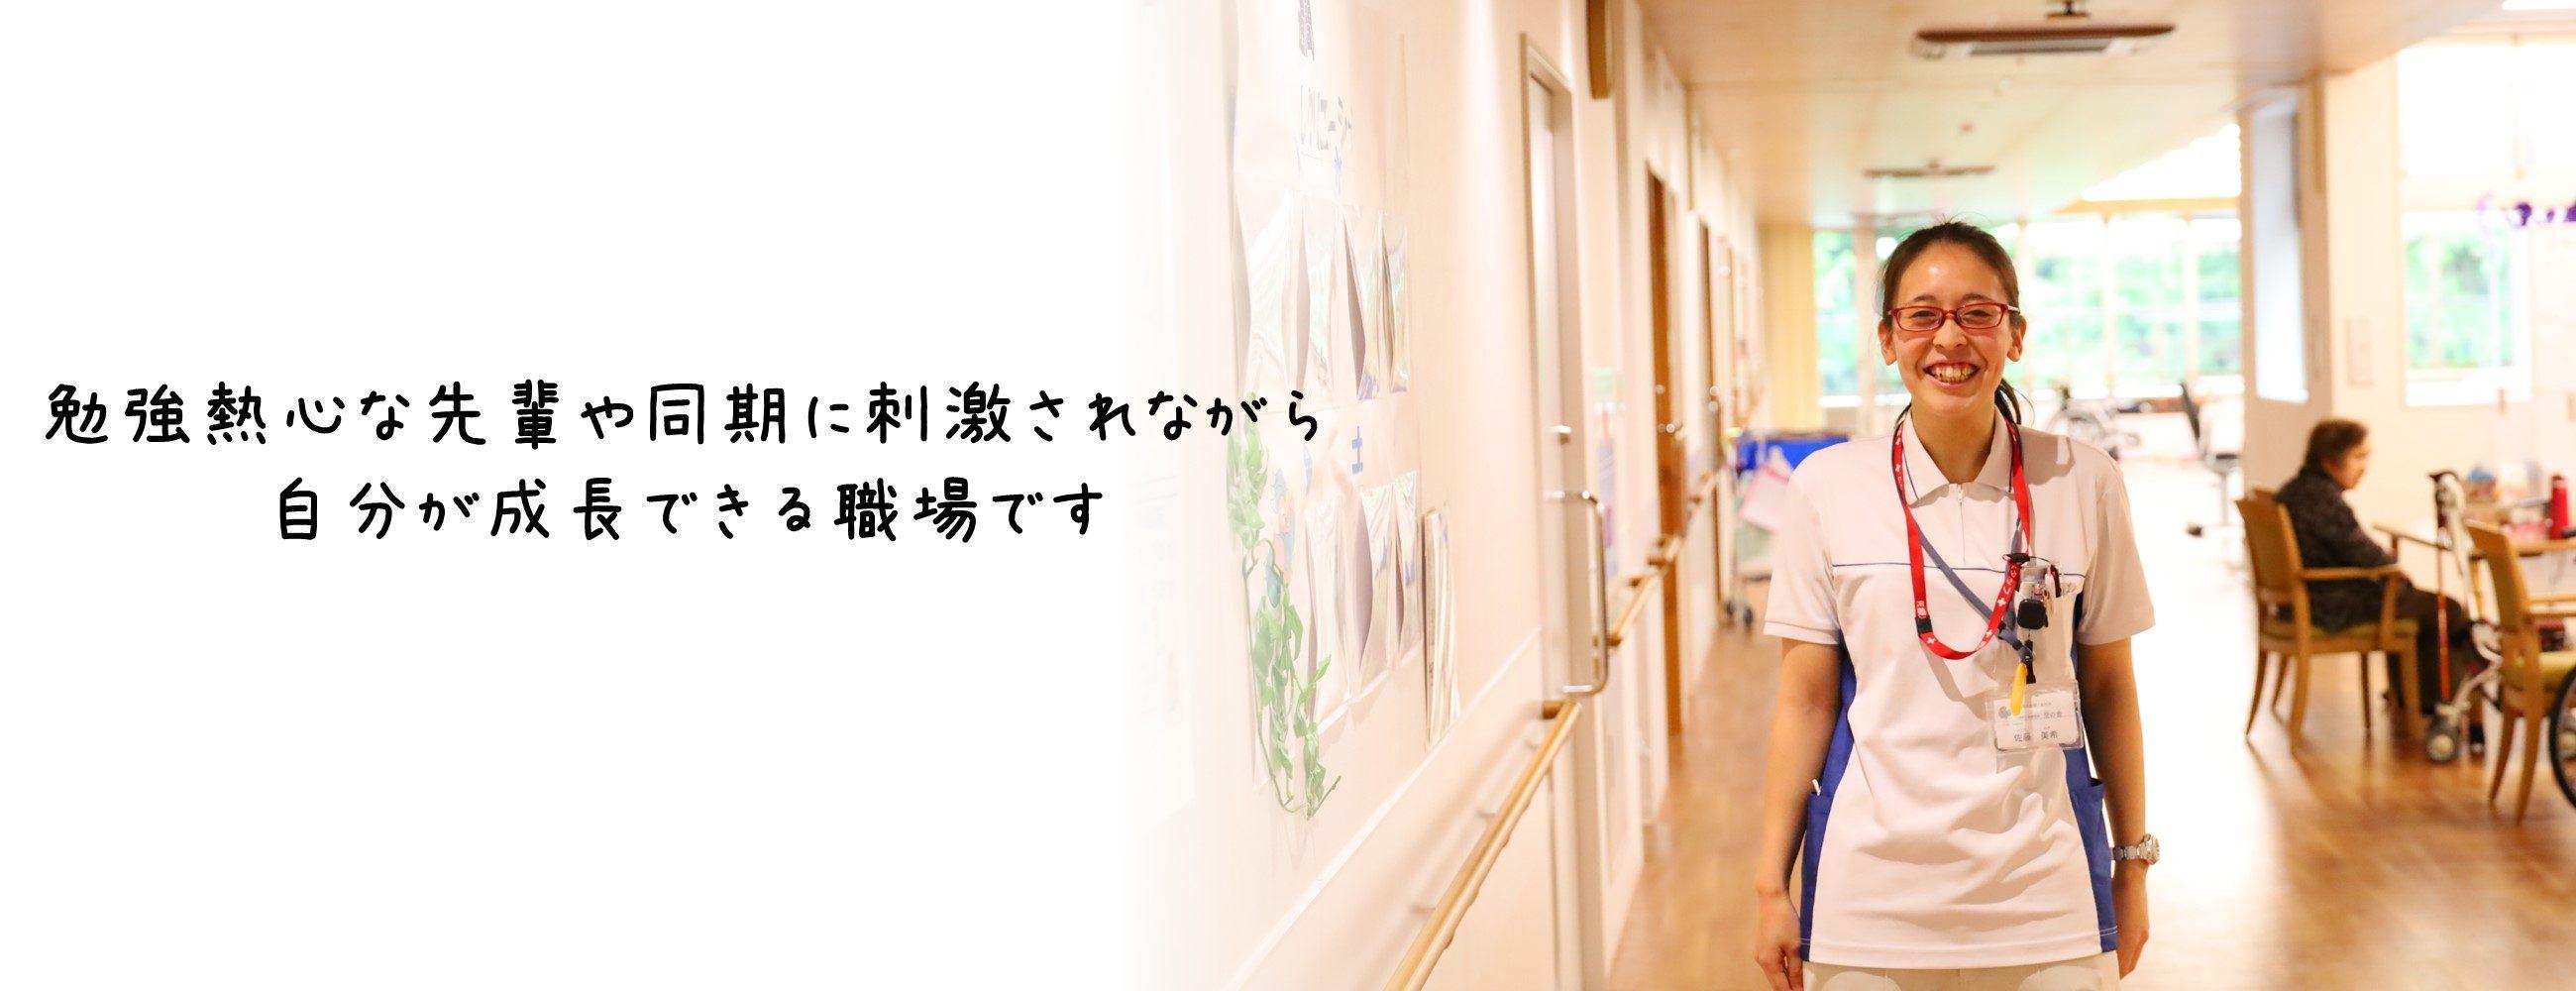 言語聴覚士 7年目(介護老人保健施設)